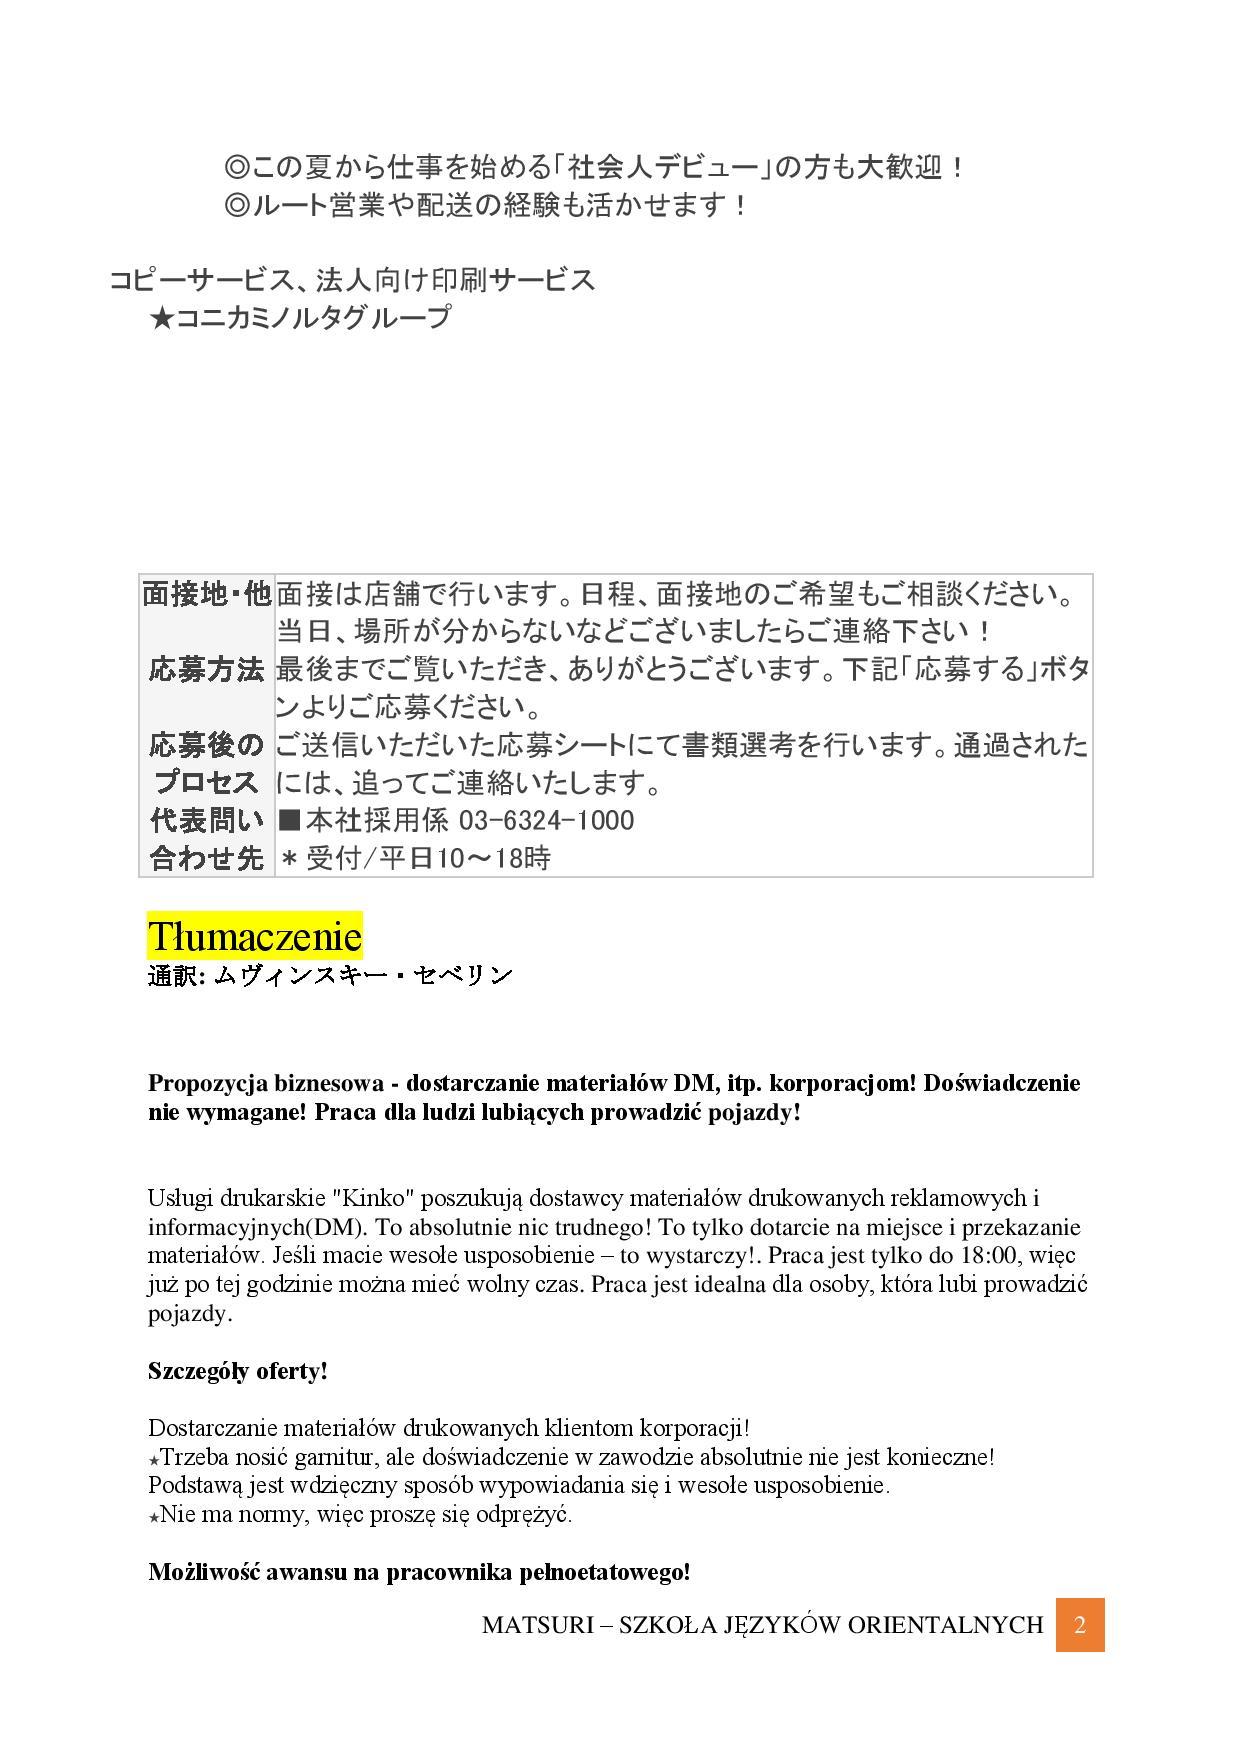 Ogłoszenie o pracę - przykładowe tłumaczenie (poziom średnio-zaawansowany)-page-002